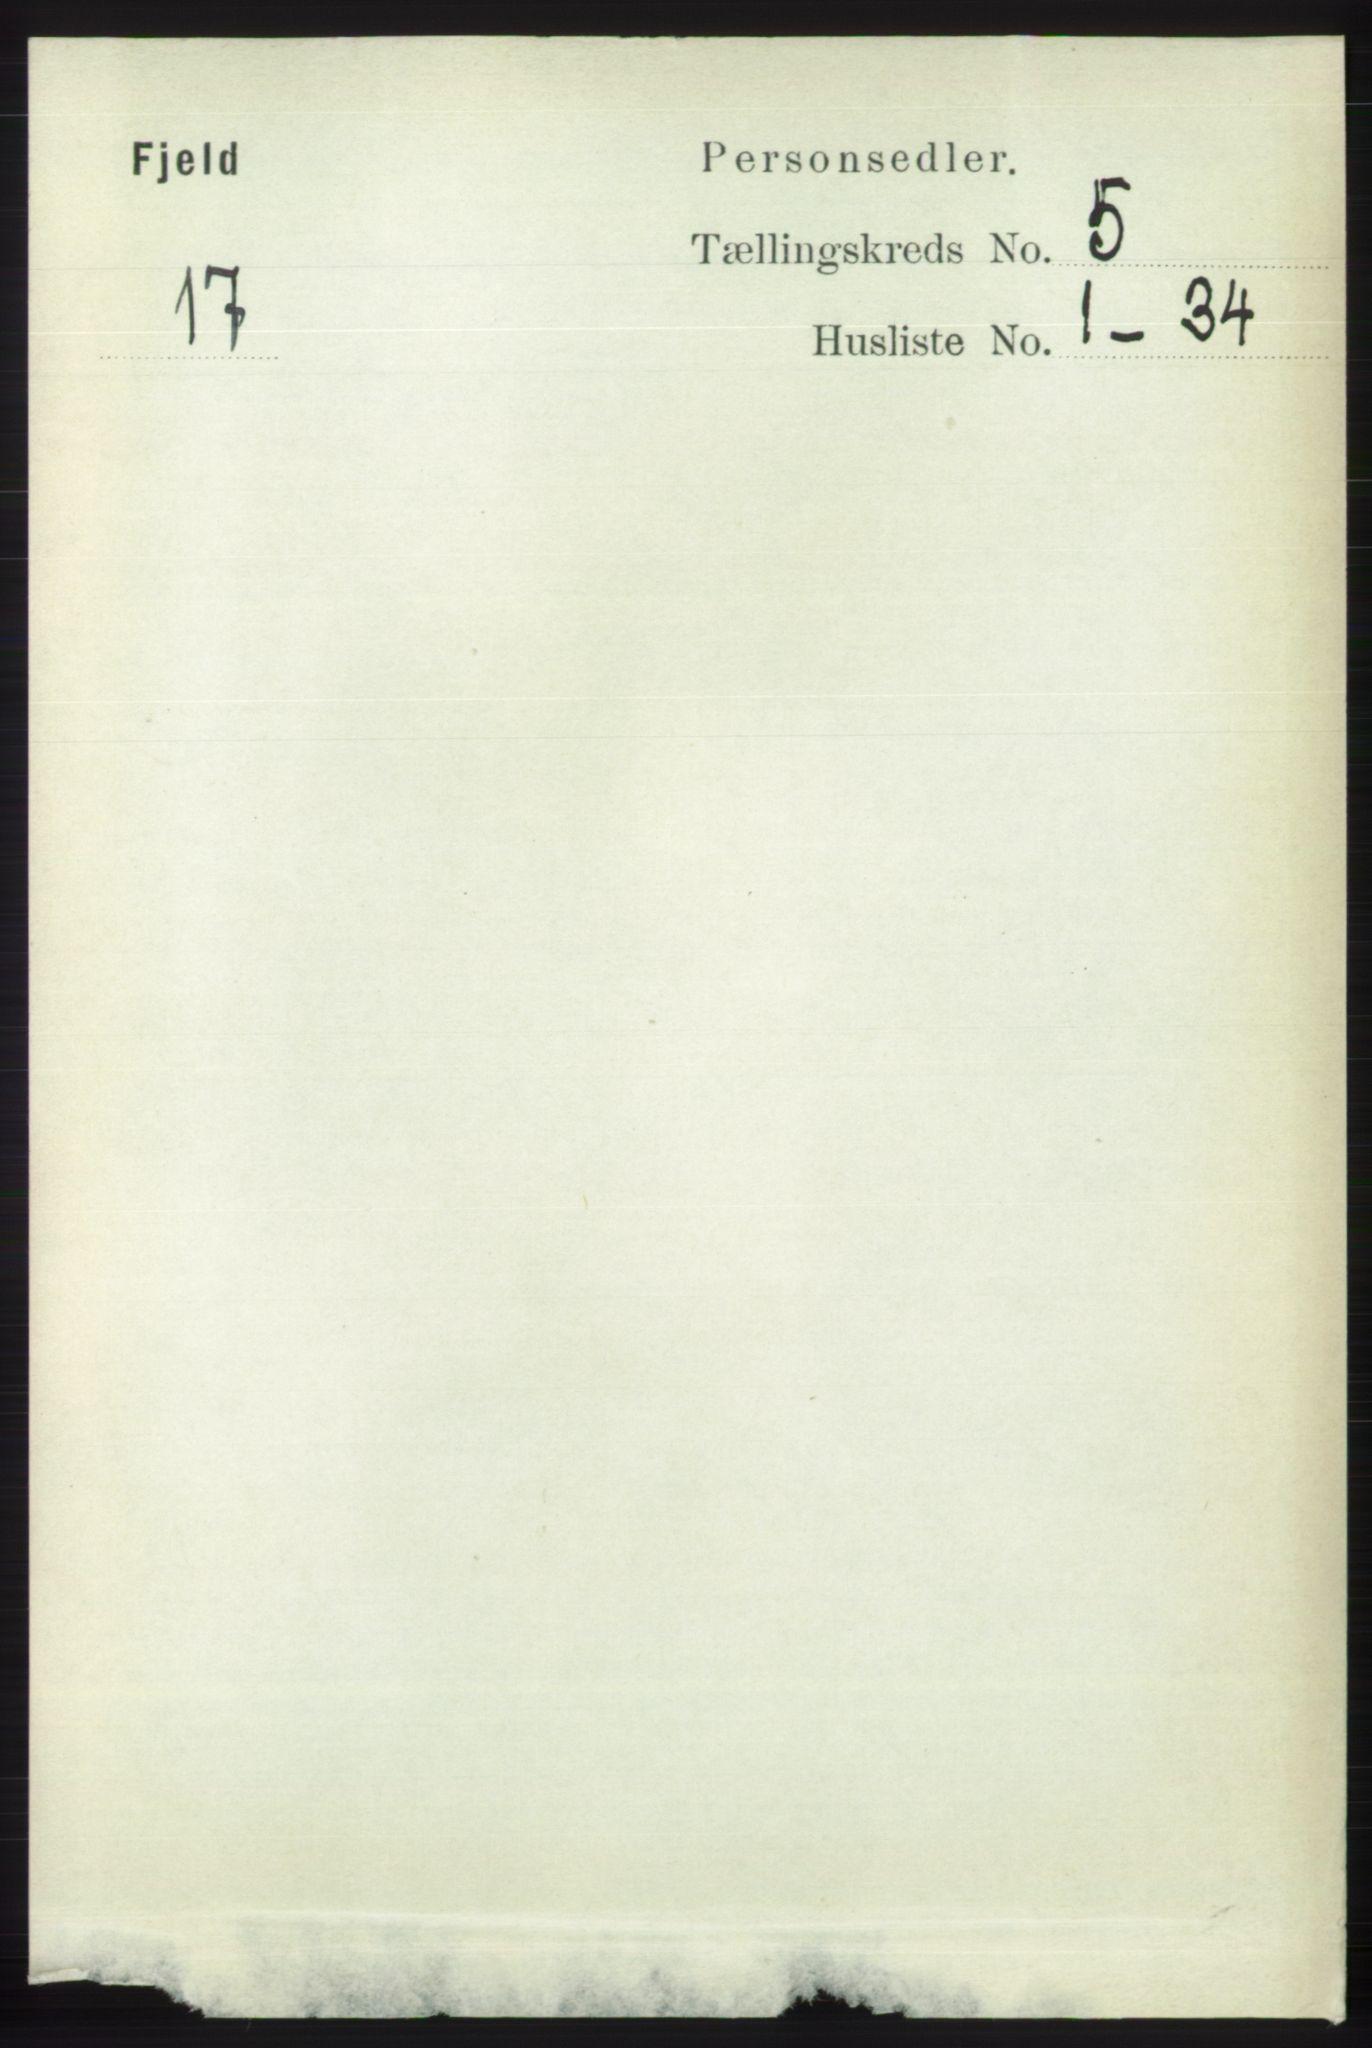 RA, Folketelling 1891 for 1246 Fjell herred, 1891, s. 2553